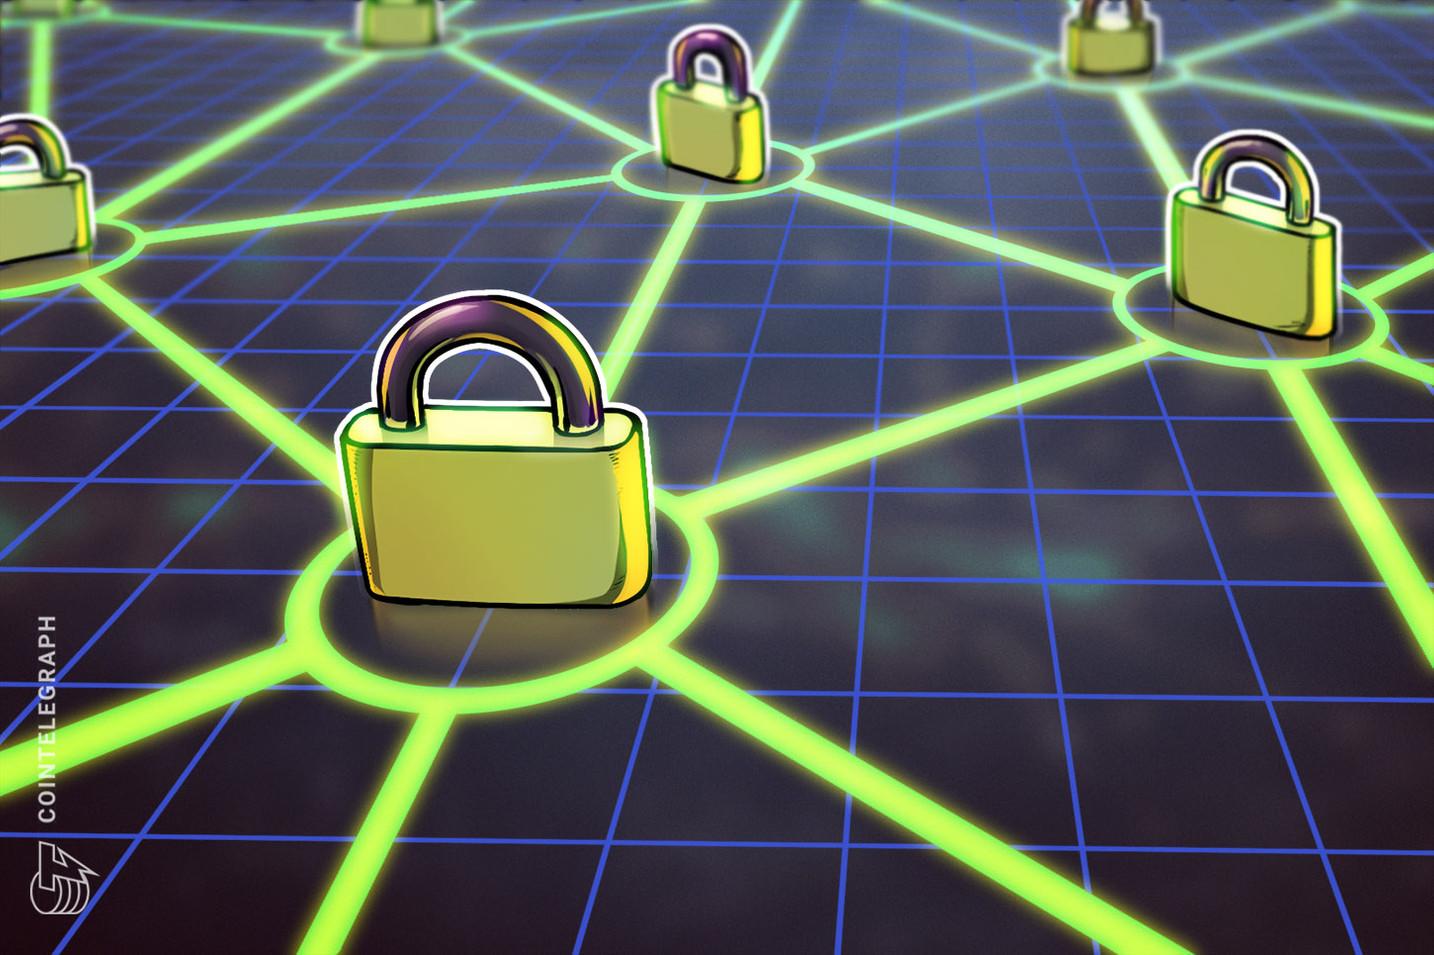 Amazon gana patentes para criptografía y soluciones de almacenamiento de datos distribuidos